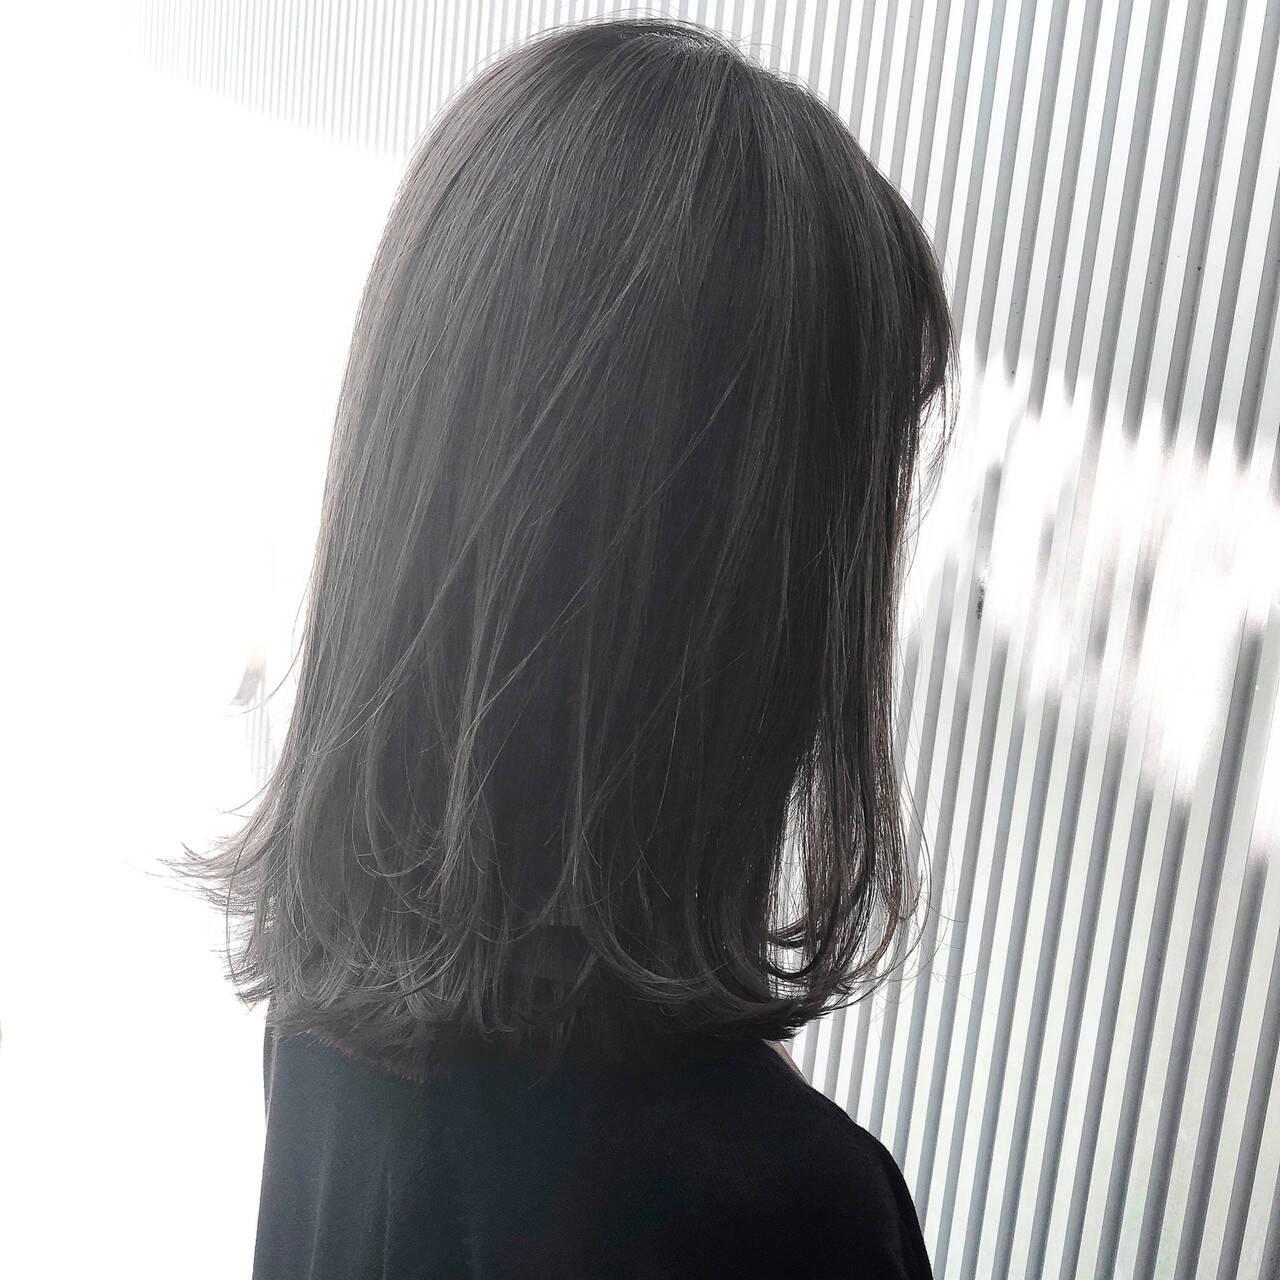 前髪 ストレート ナチュラル アッシュグレージュヘアスタイルや髪型の写真・画像